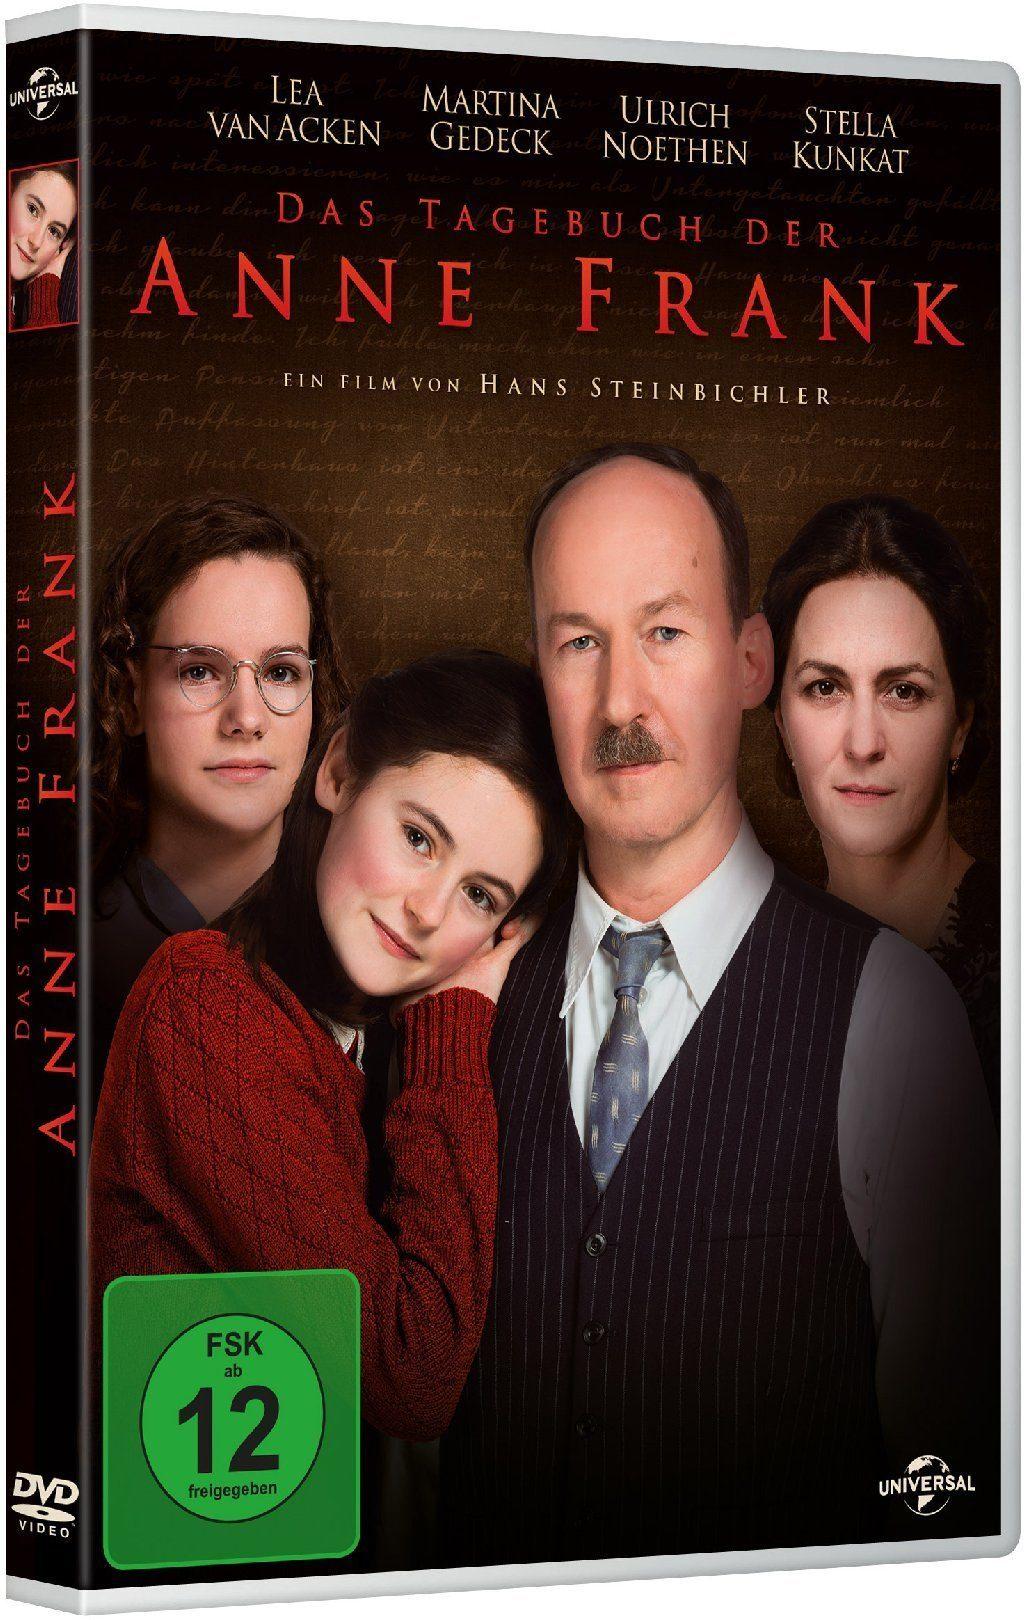 Universal Das Tagebuch der Anne Frank »DVD«